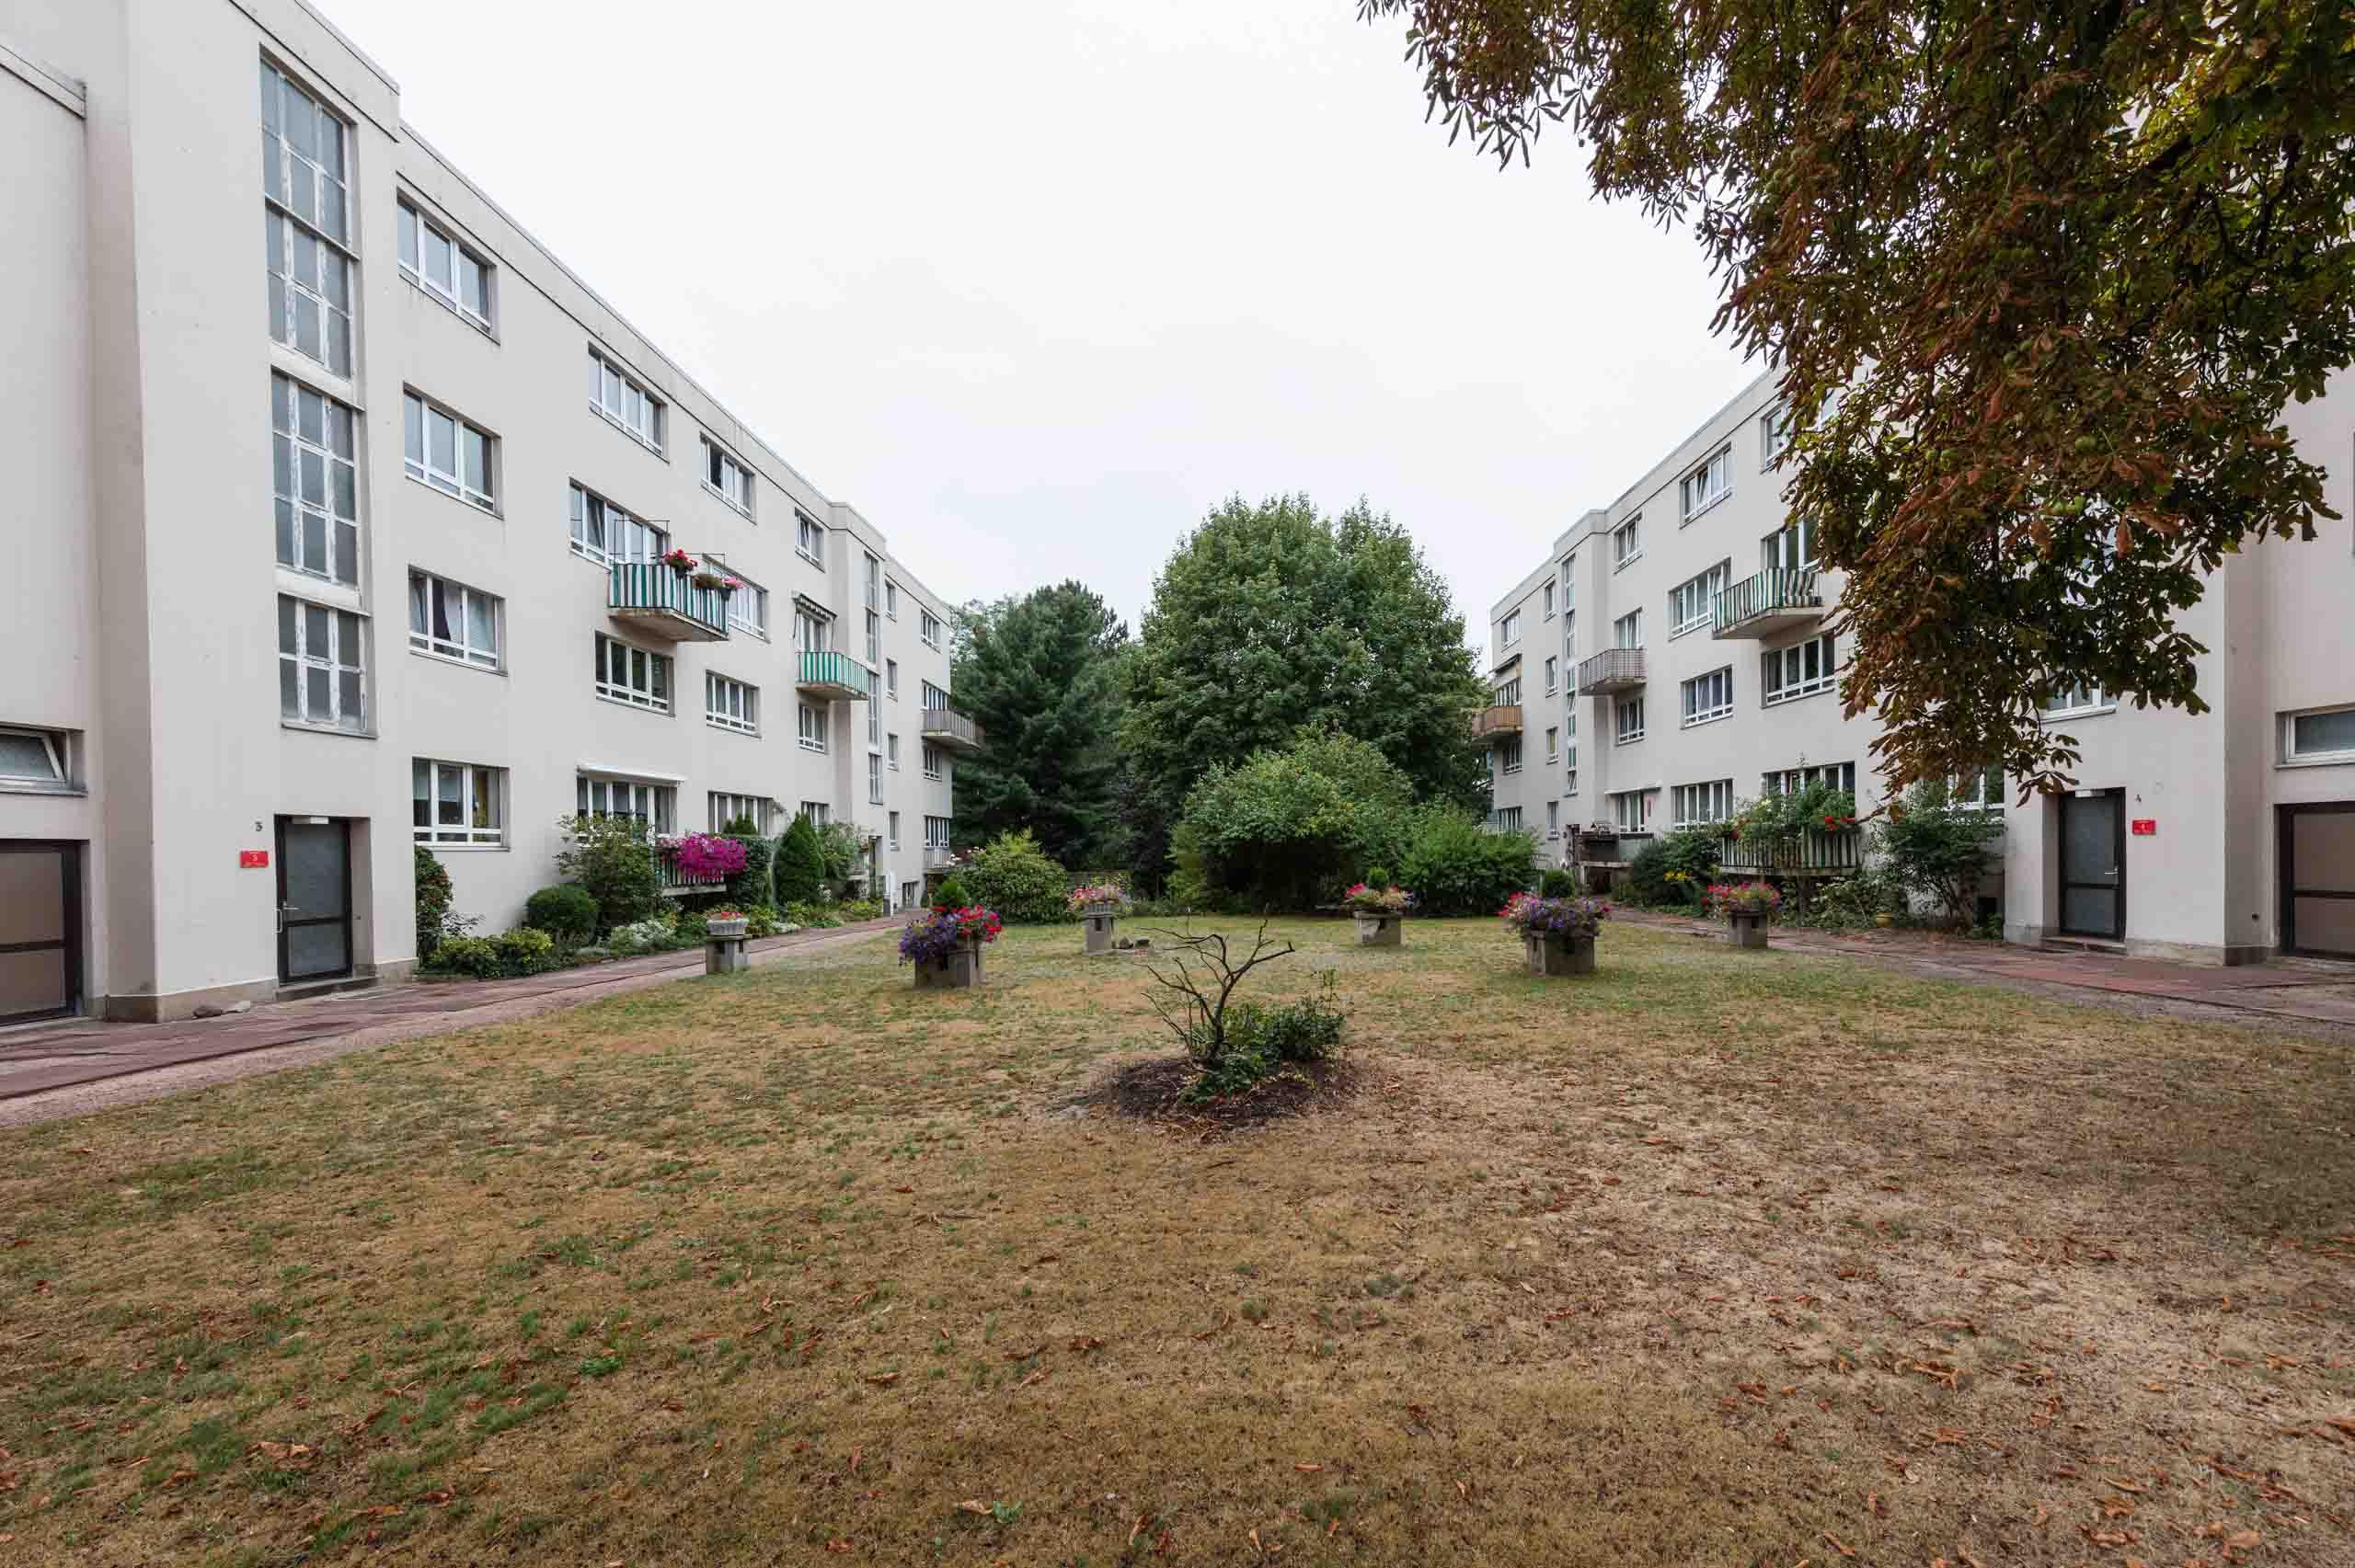 Wohnhausgruppe Waack Celle